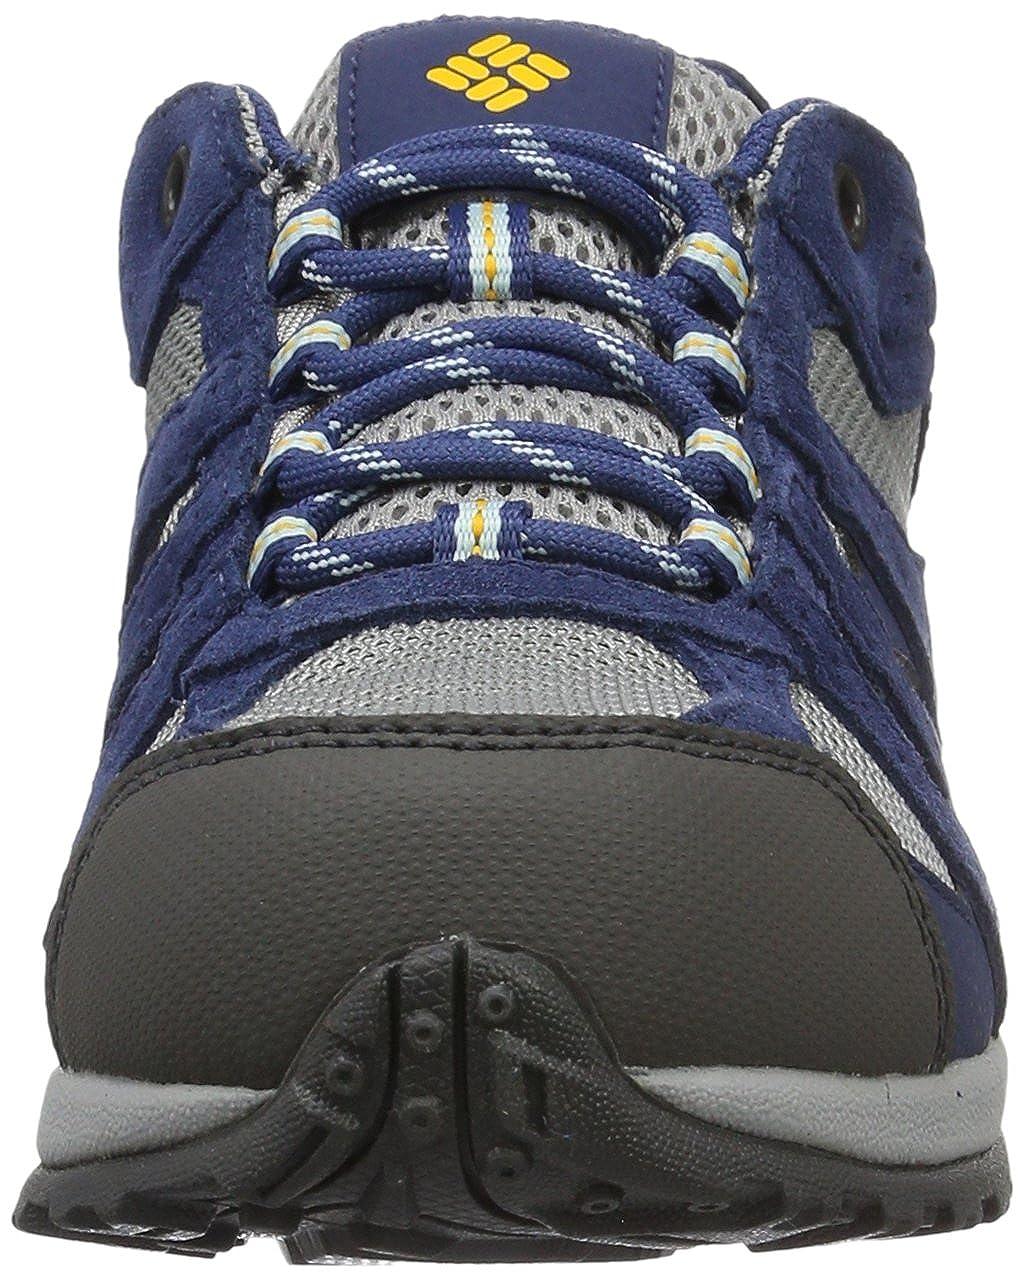 Chaussures de Running Comp/étition gar/çon Columbia Youth Redmond Waterproof